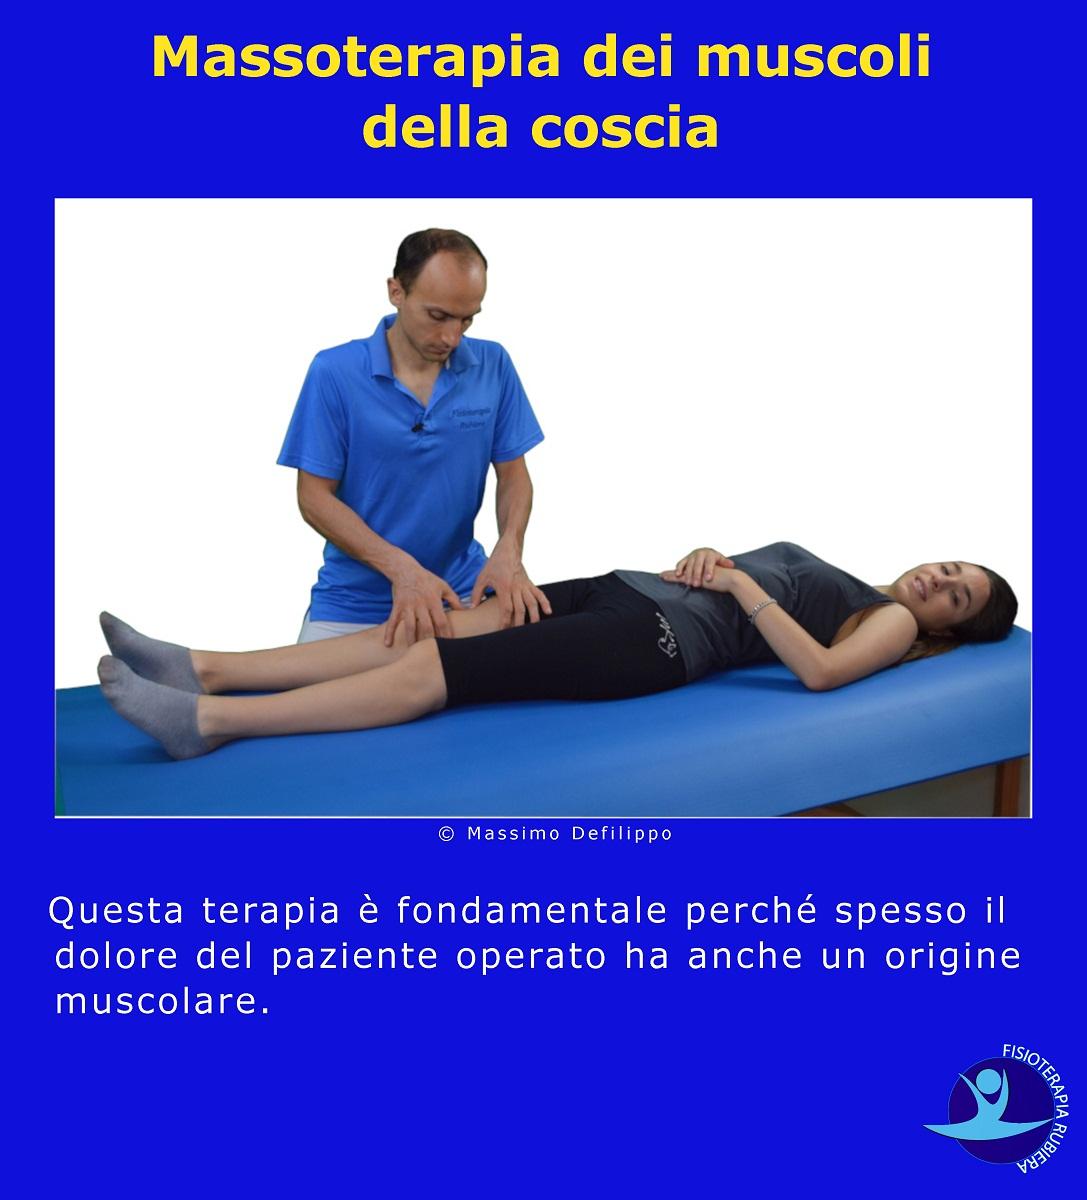 Massoterapia-dei-muscoli-della-coscia